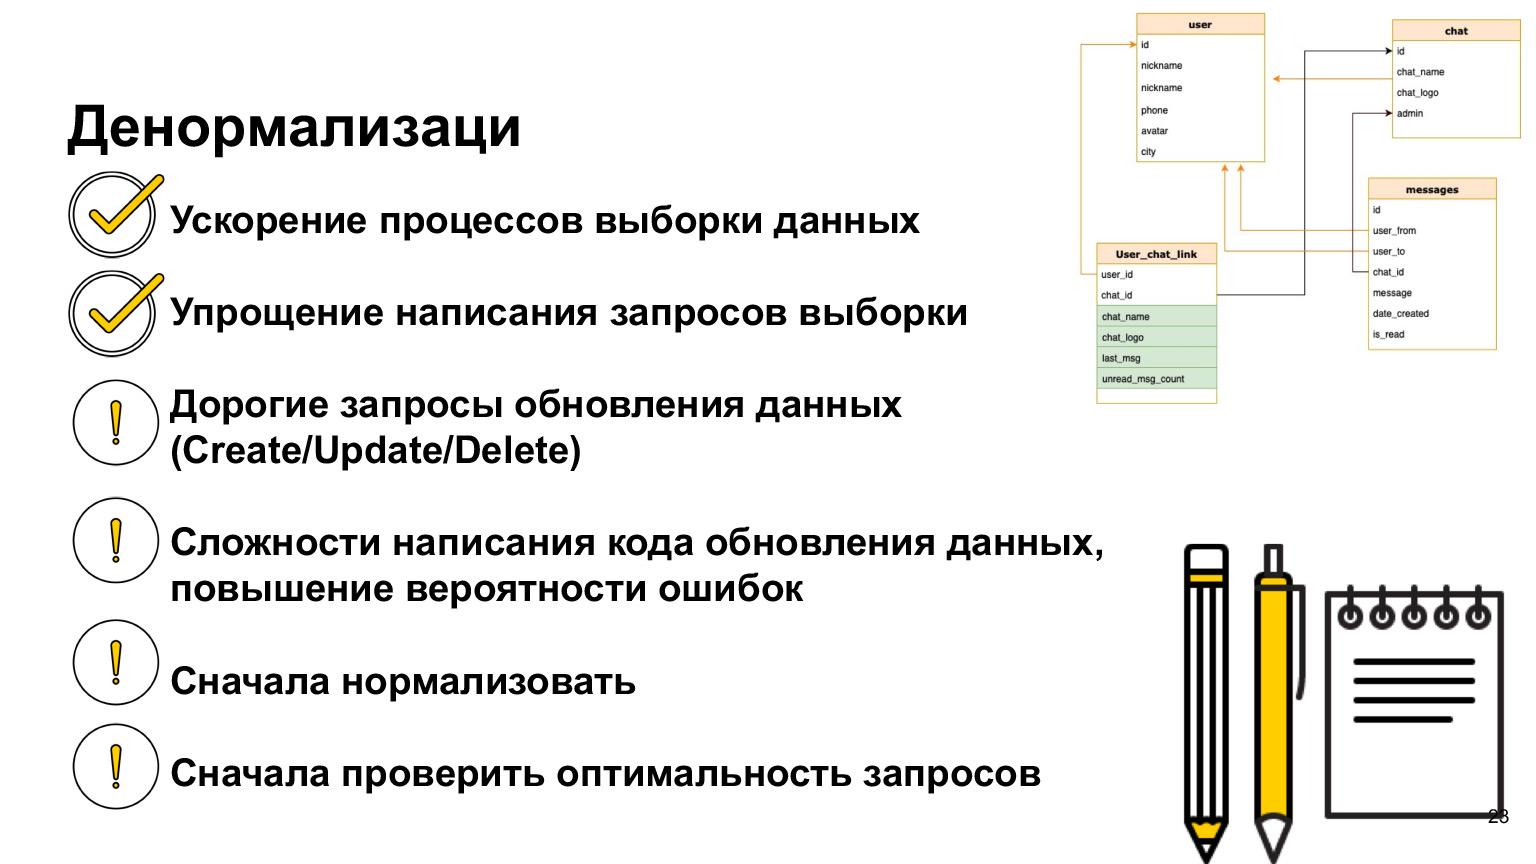 Базы данных: большой обзор типов и подходов. Доклад Яндекса - 17